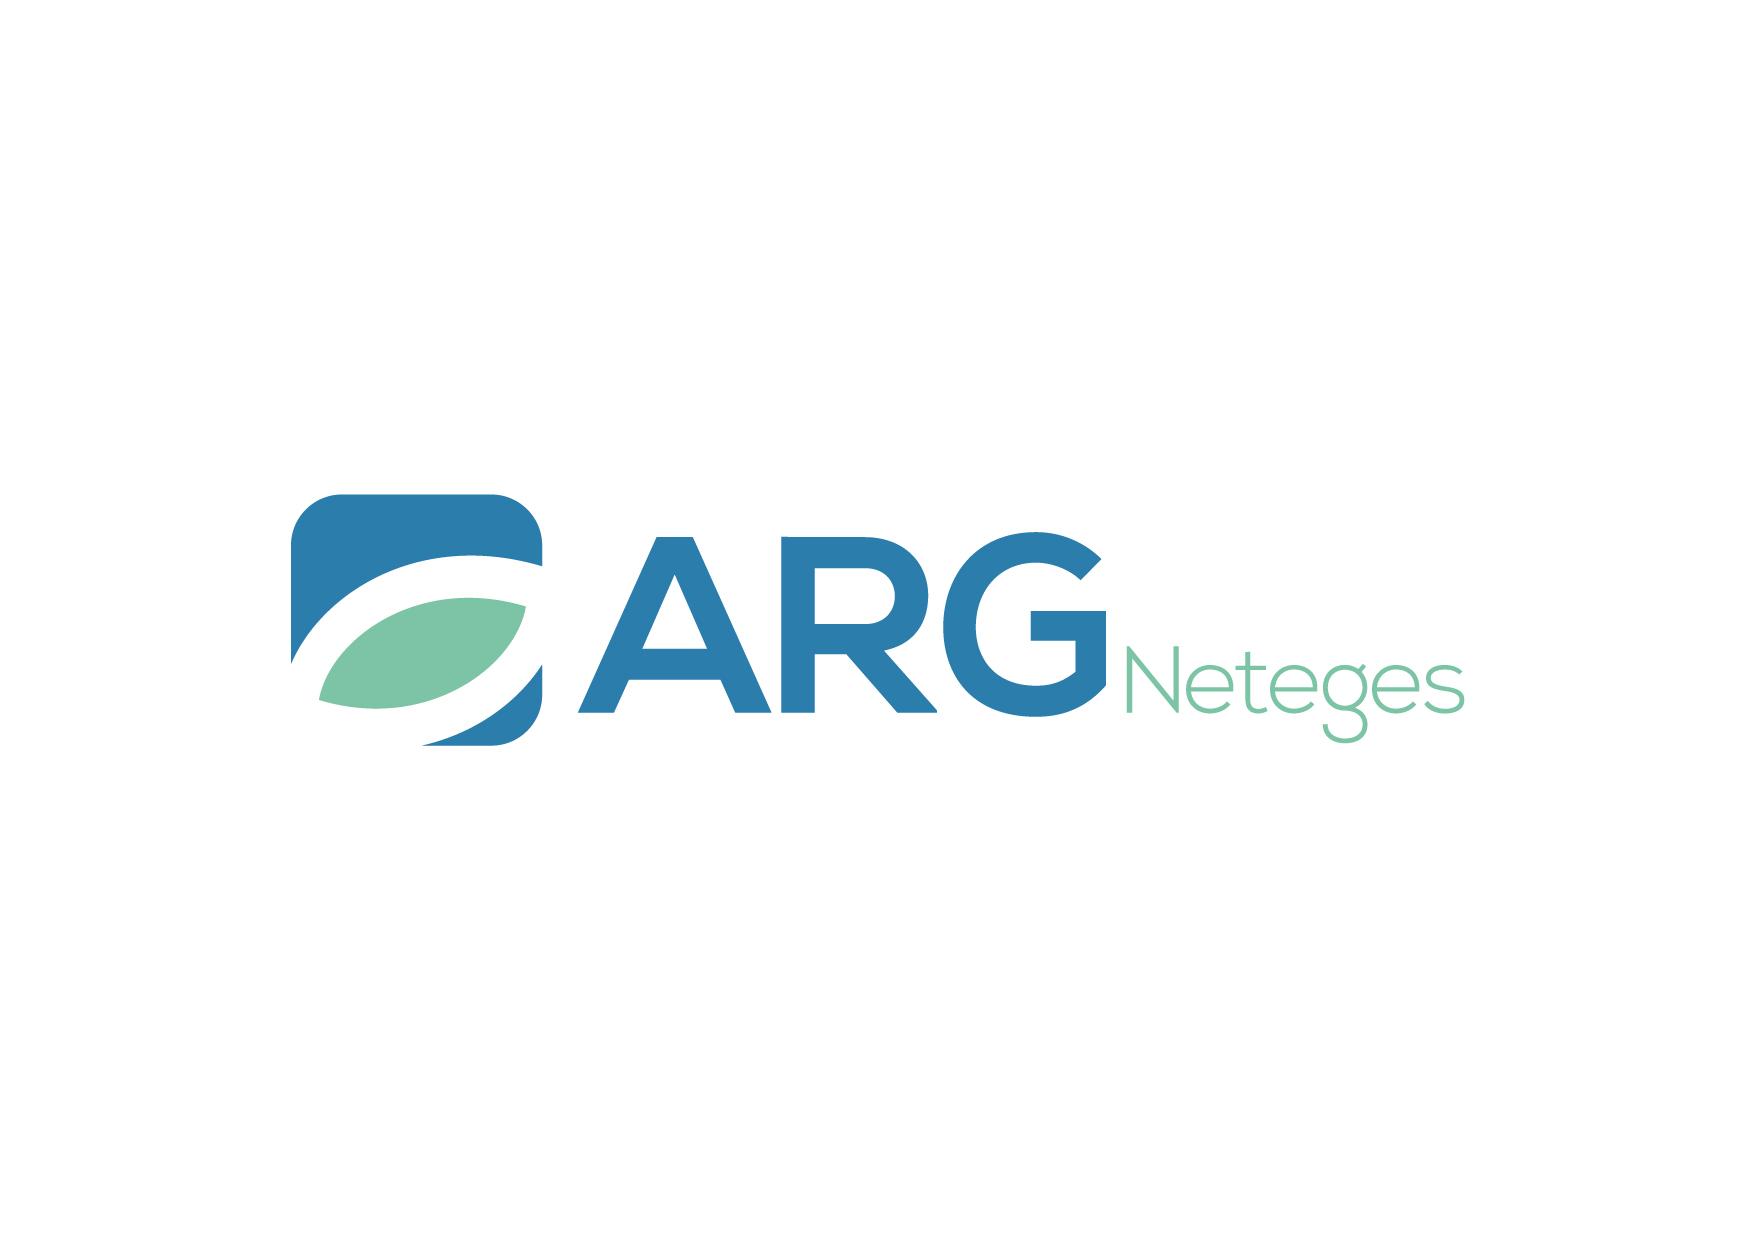 ARG-Neteges